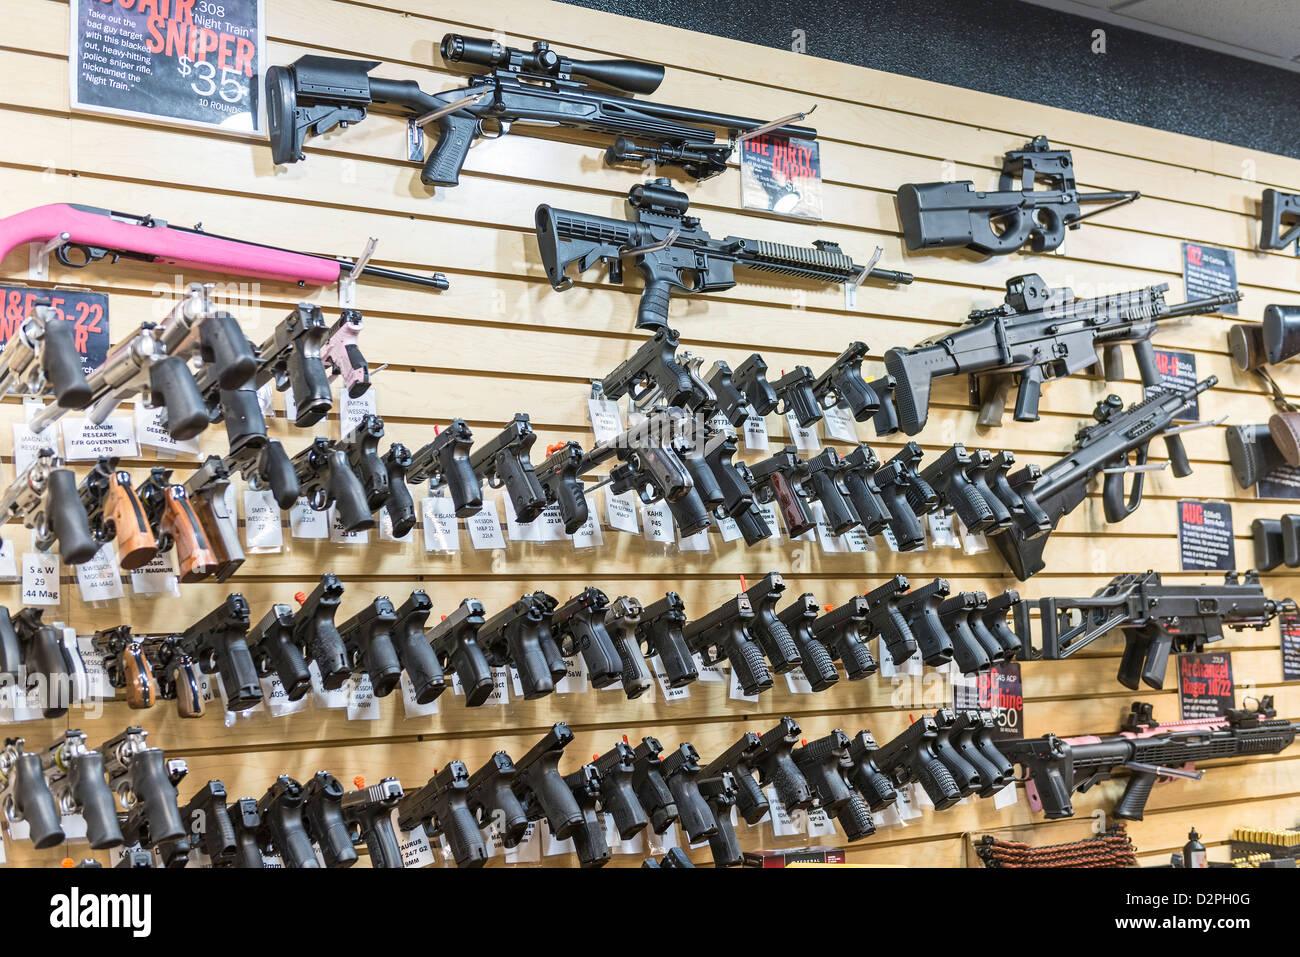 Eine Vielzahl von Pistolen, Gewehre und Waffen an eine Waffe zu speichern. Stockbild